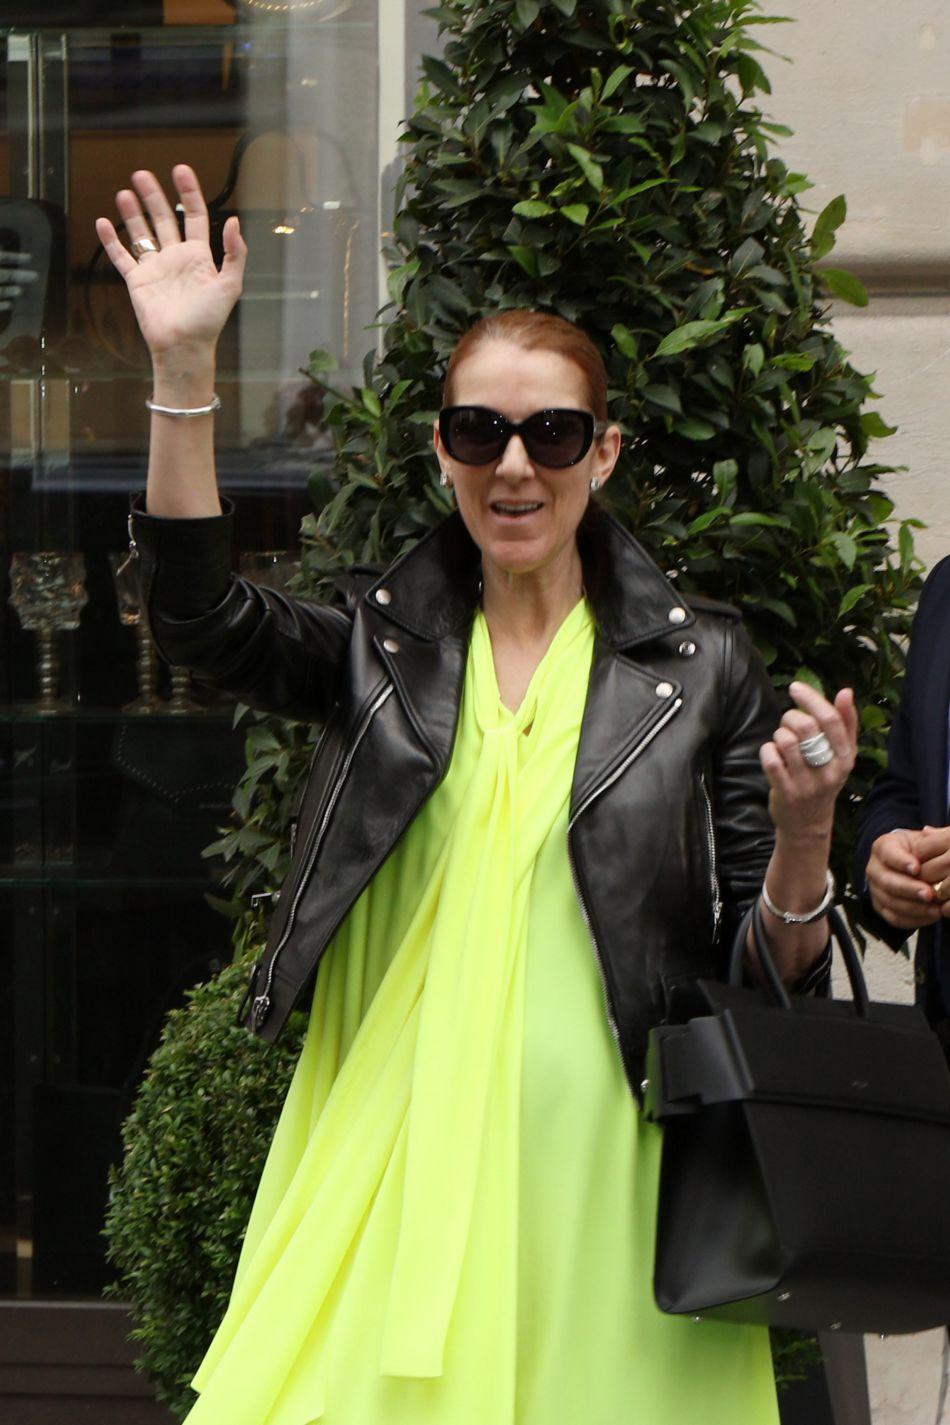 Céline Dion adopte une tunique fluo et un perfecto. On aime cet ensemble flashy et bien associé.